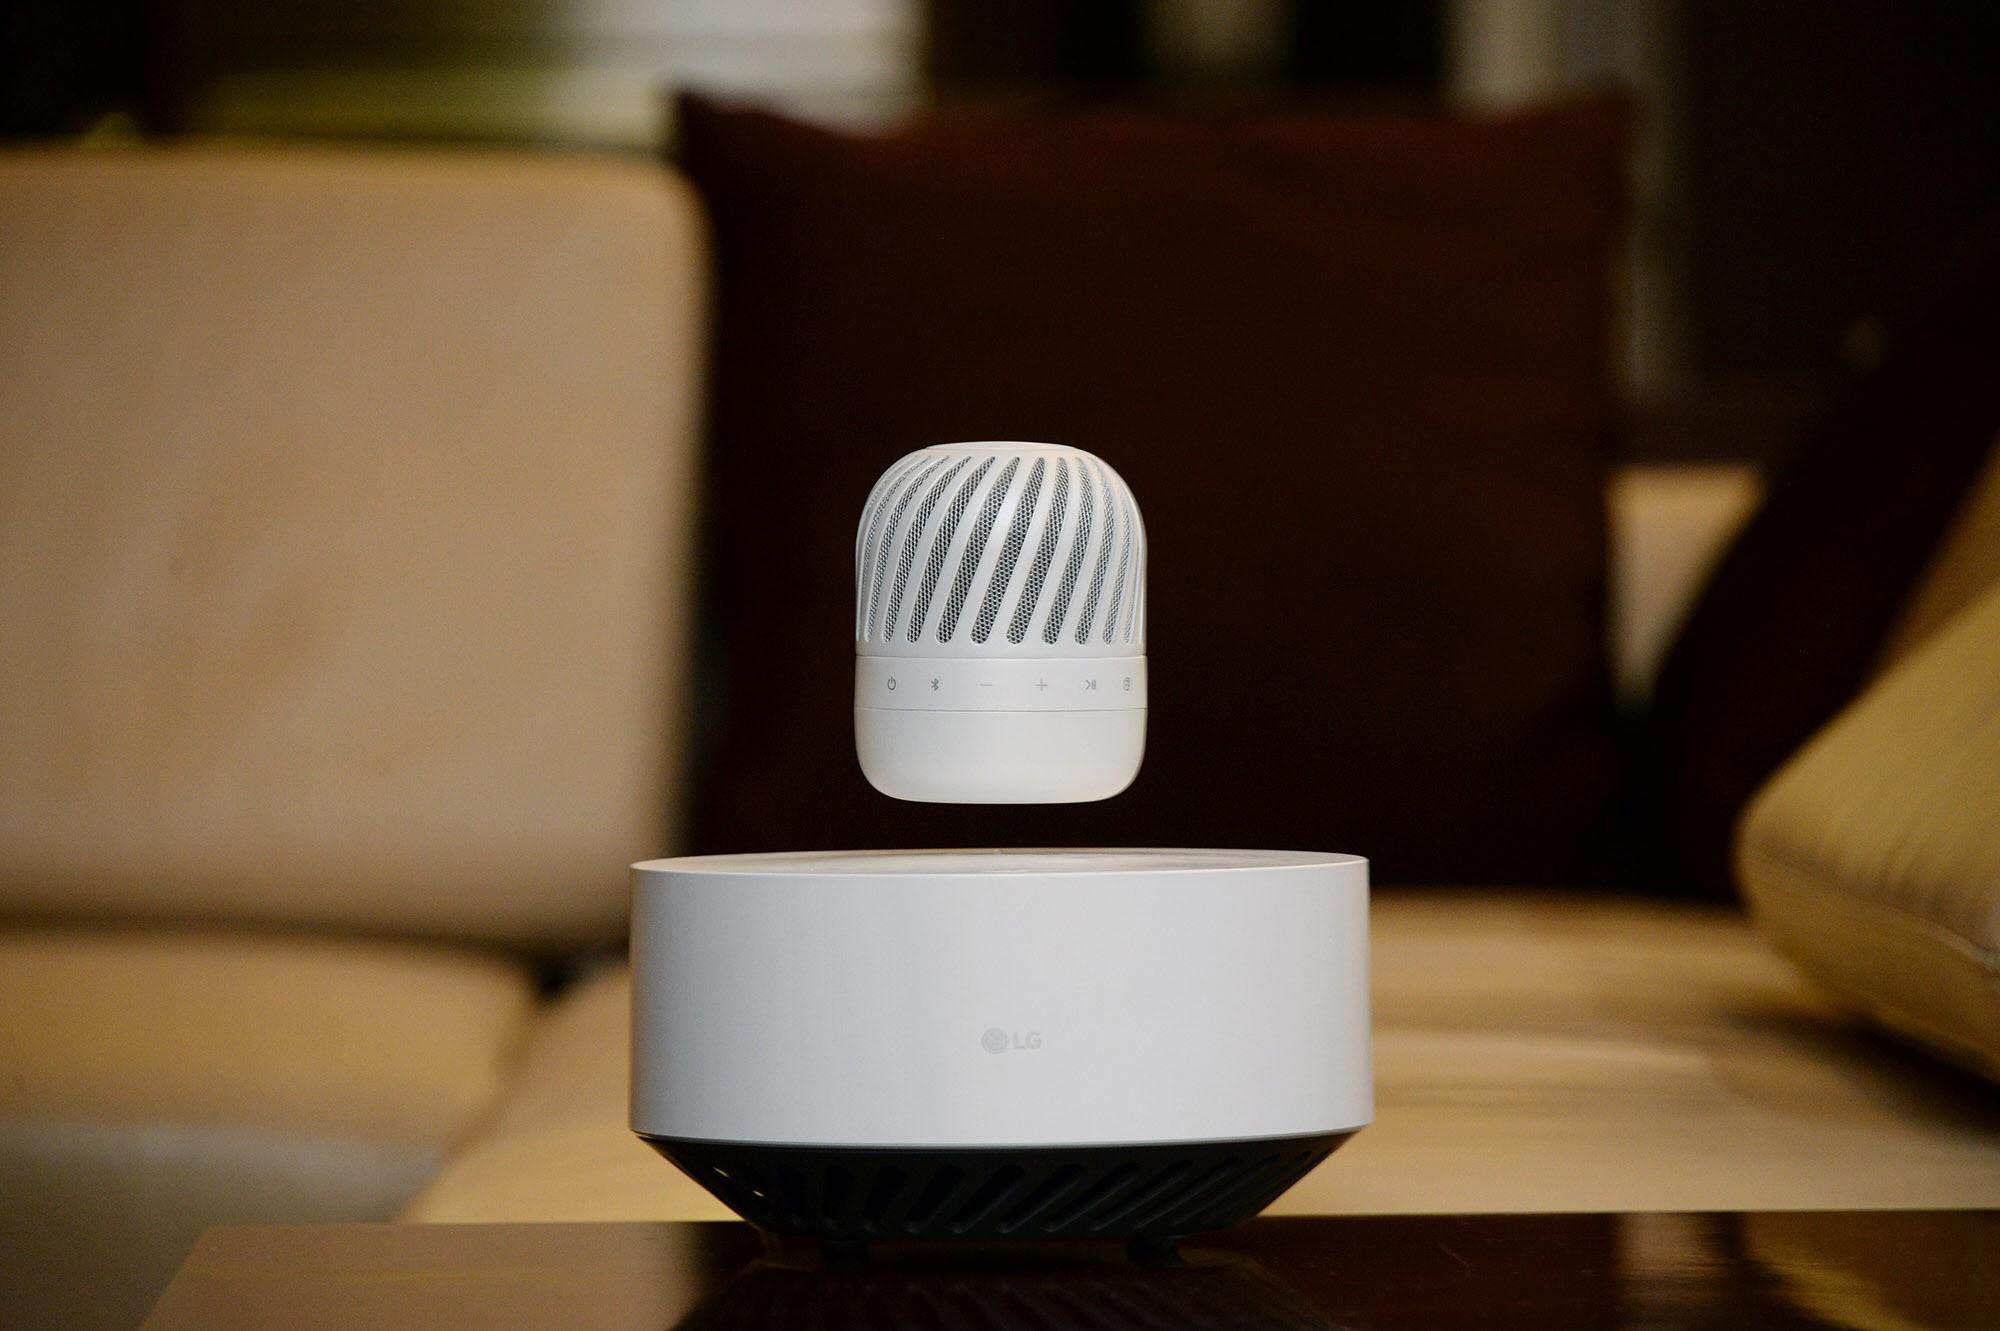 LG-Levitating-Portable-Speaker1